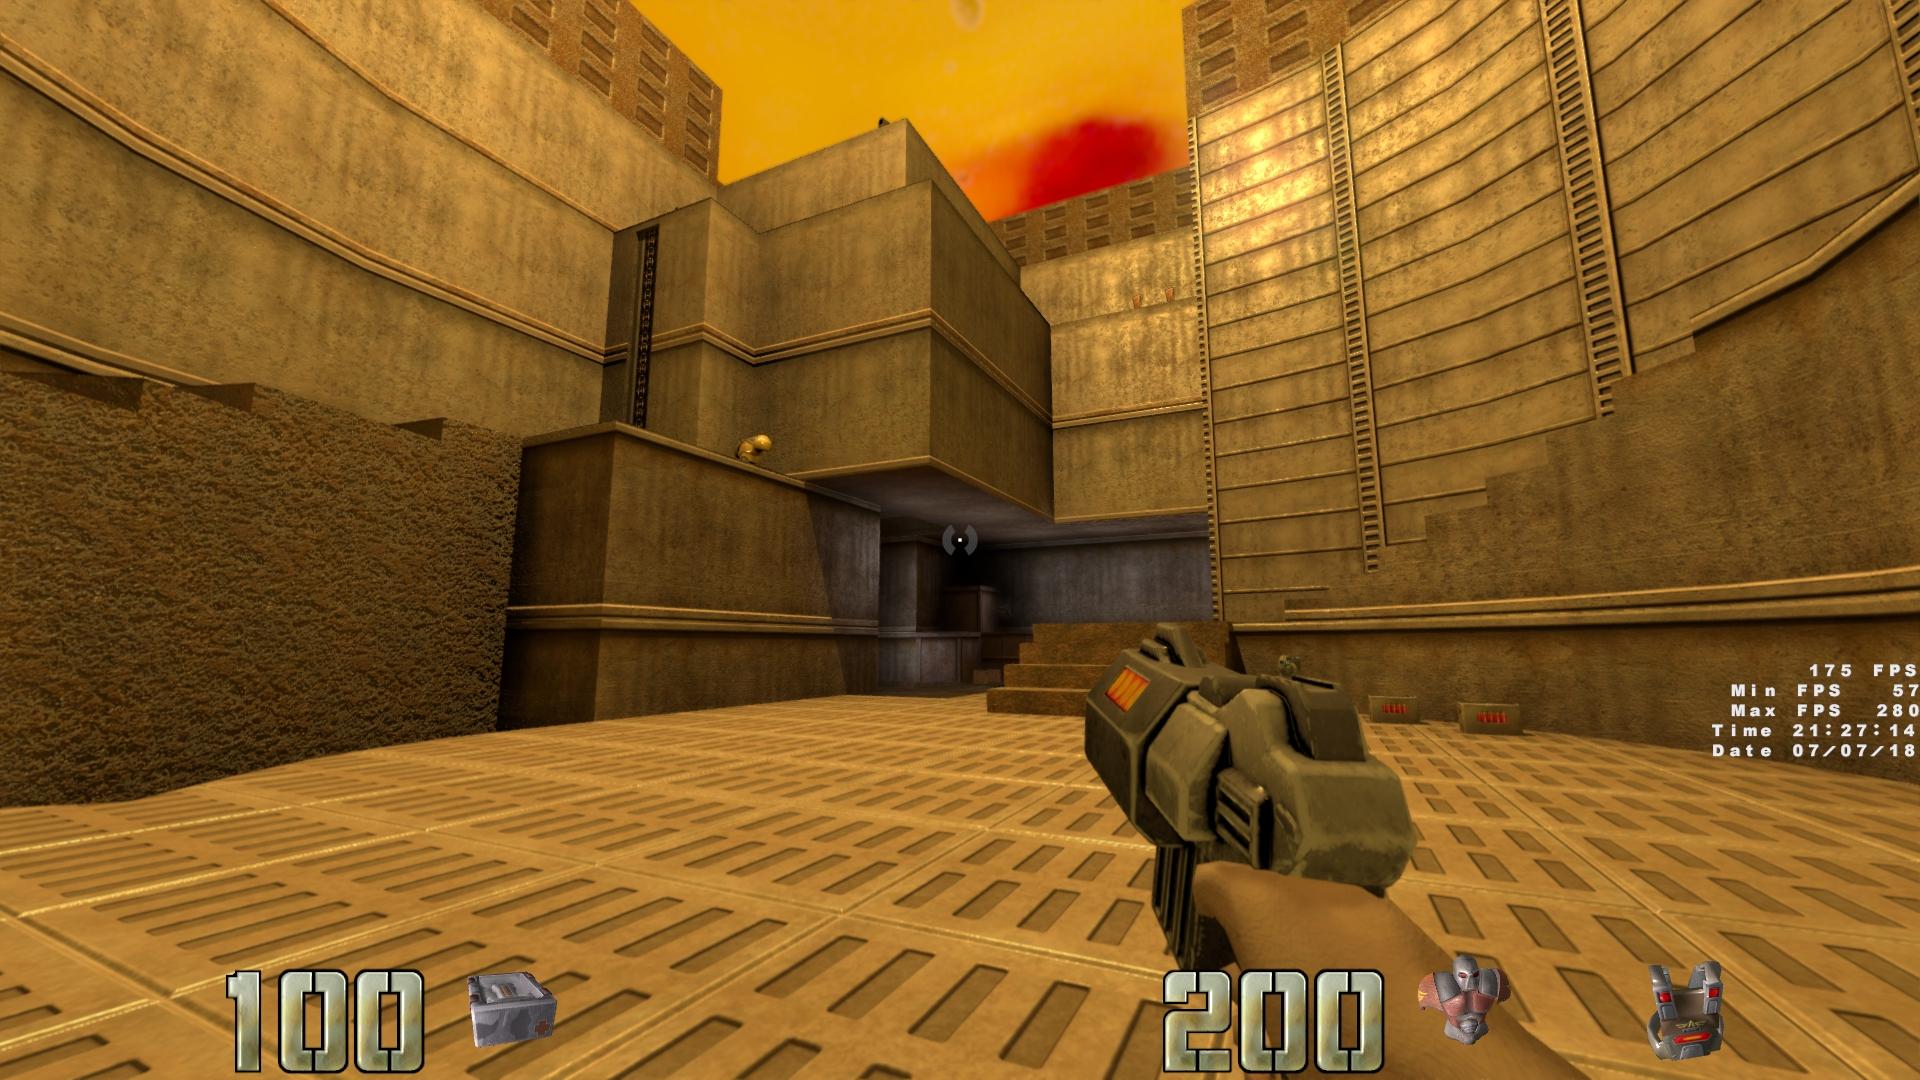 quake2xp 1 26 8 final release file - Mod DB